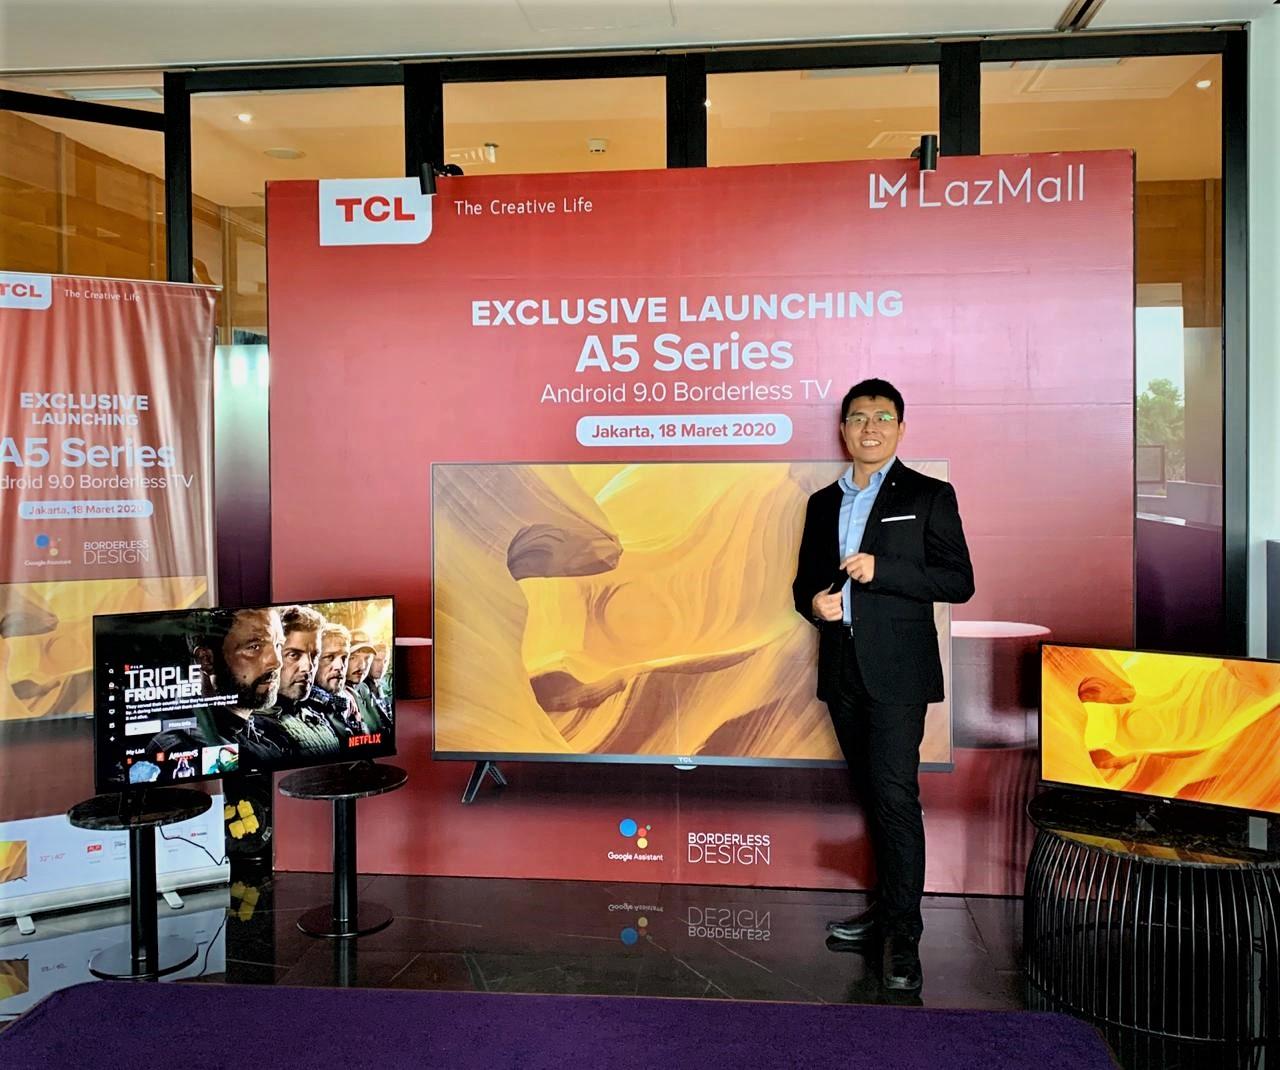 Dukung Gaya Hidup Digital, TCL Luncurkan Smart TV Yang Dilengkapi Google Assistant dan Borderless Full Screen